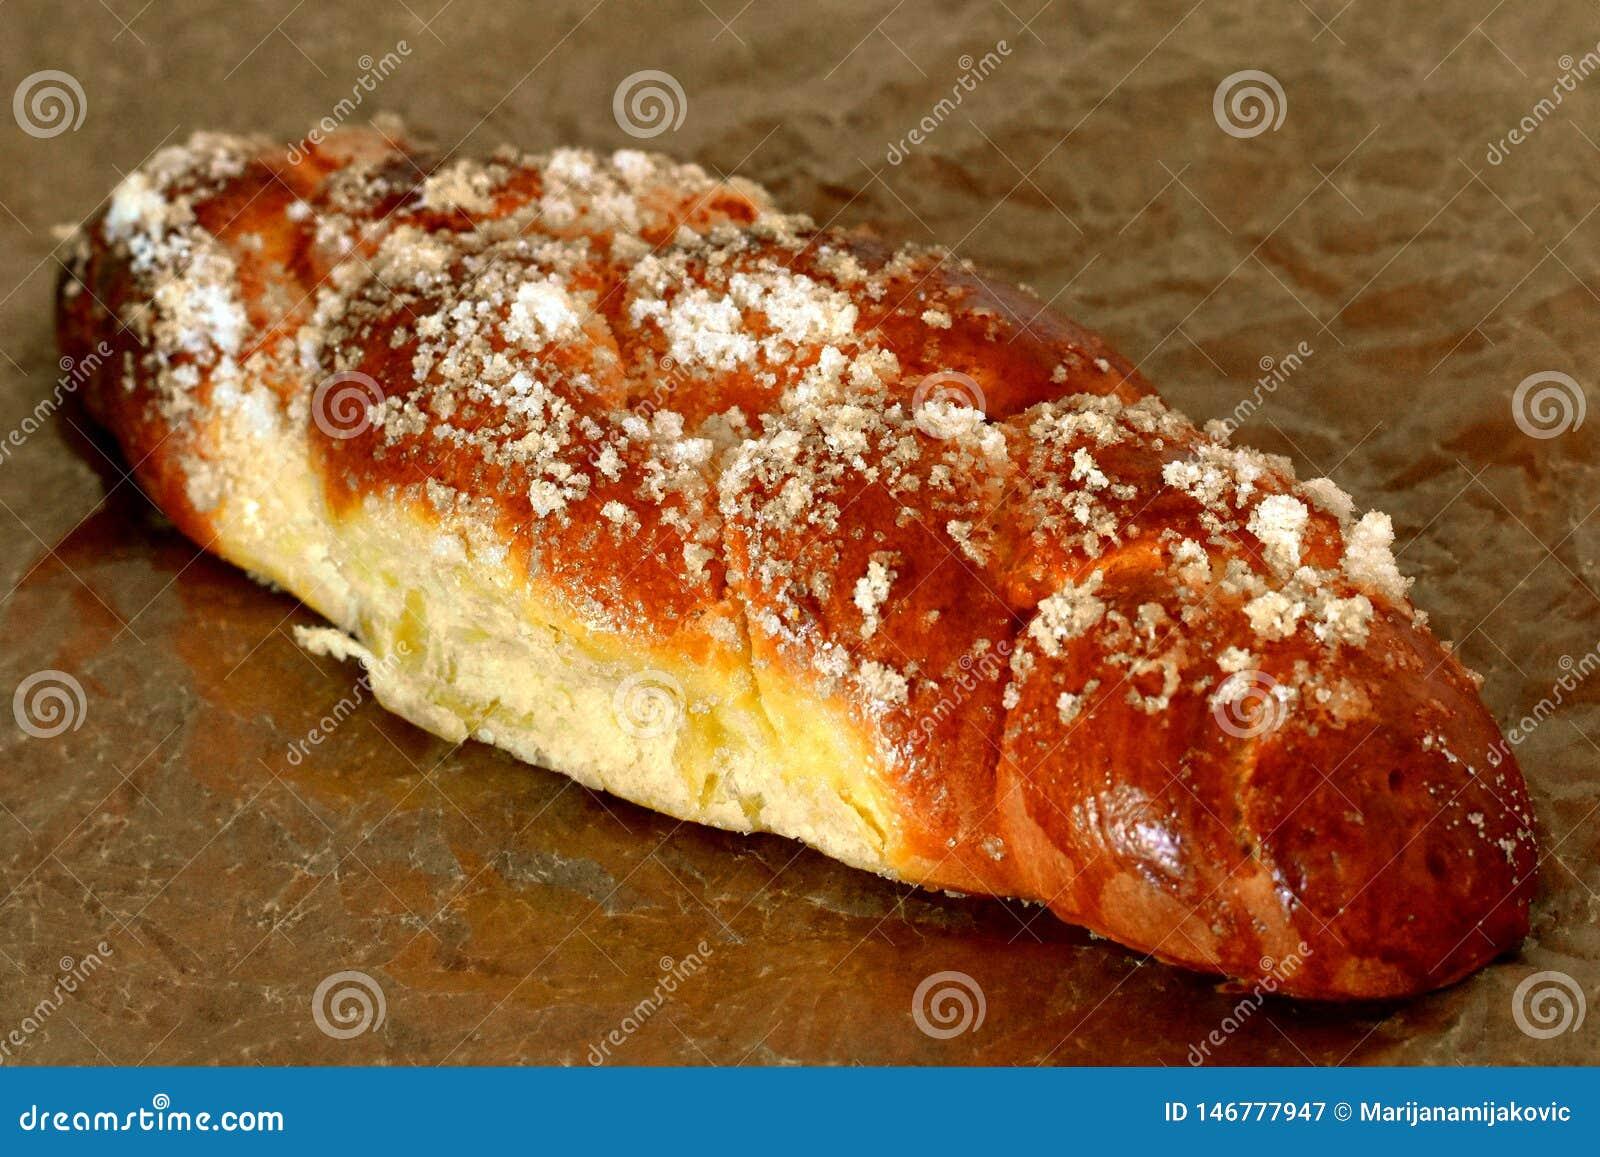 Naco do pão doce com açúcar branco de cristal na parte superior